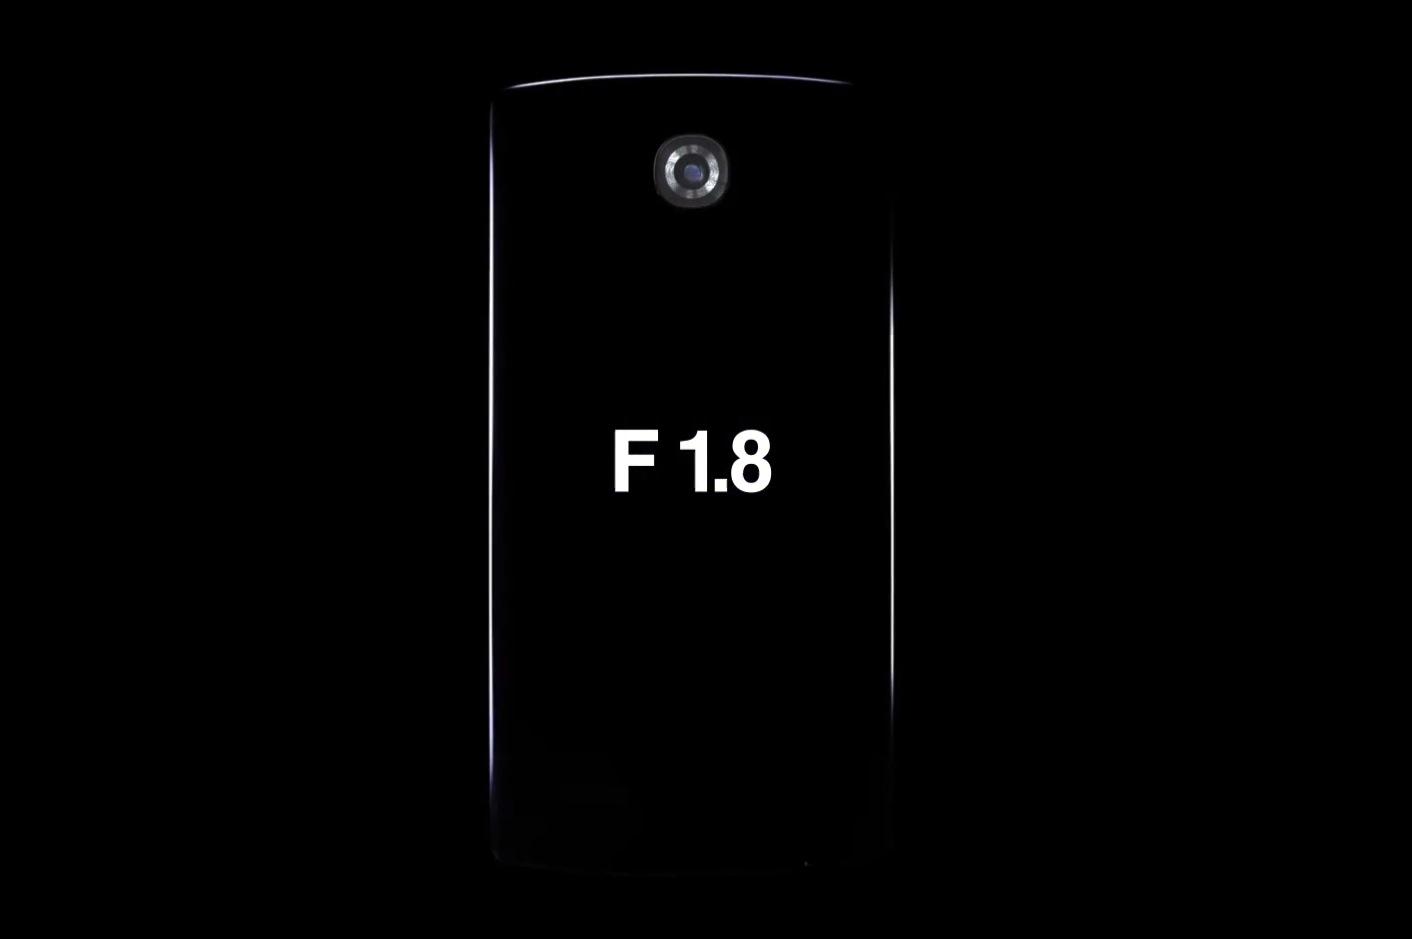 LG G4 : des vidéos de présentation de l'appareil photo et de LG UX 4.0